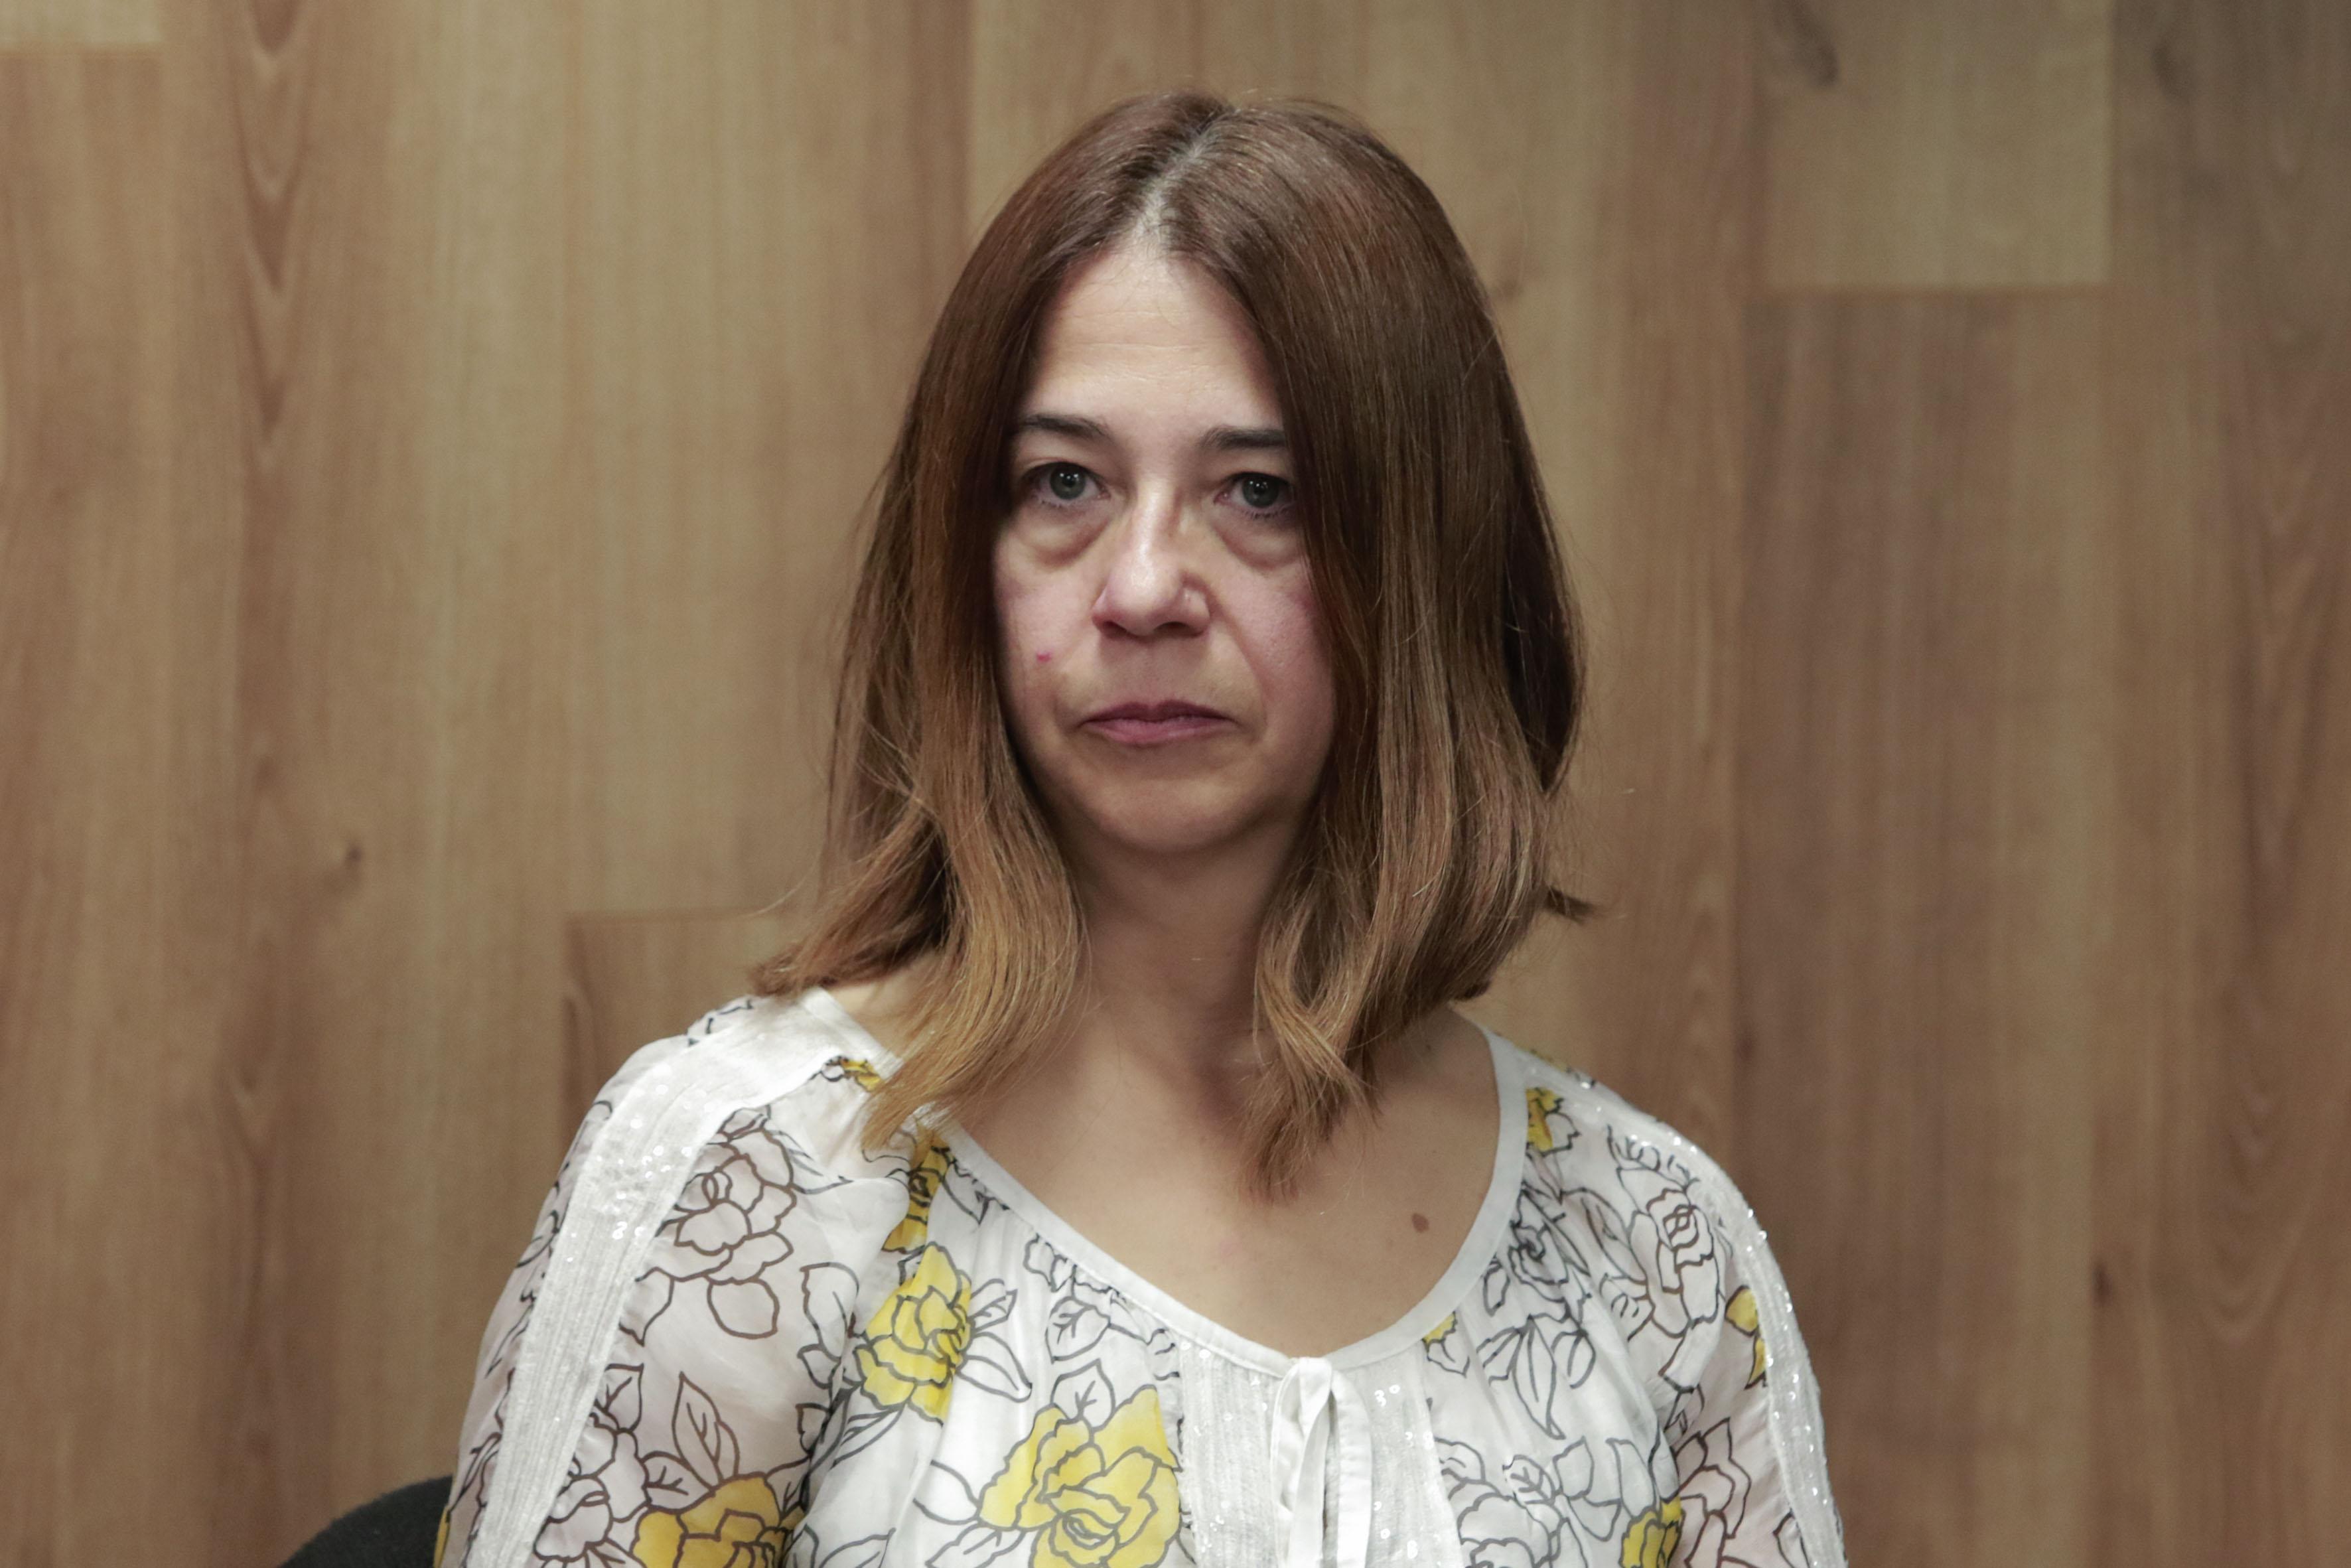 Maestra Salma Leticia Jalife Villalón, Coordinadora Internacional de Corporación Universitaria para el Desarrollo de Internet.